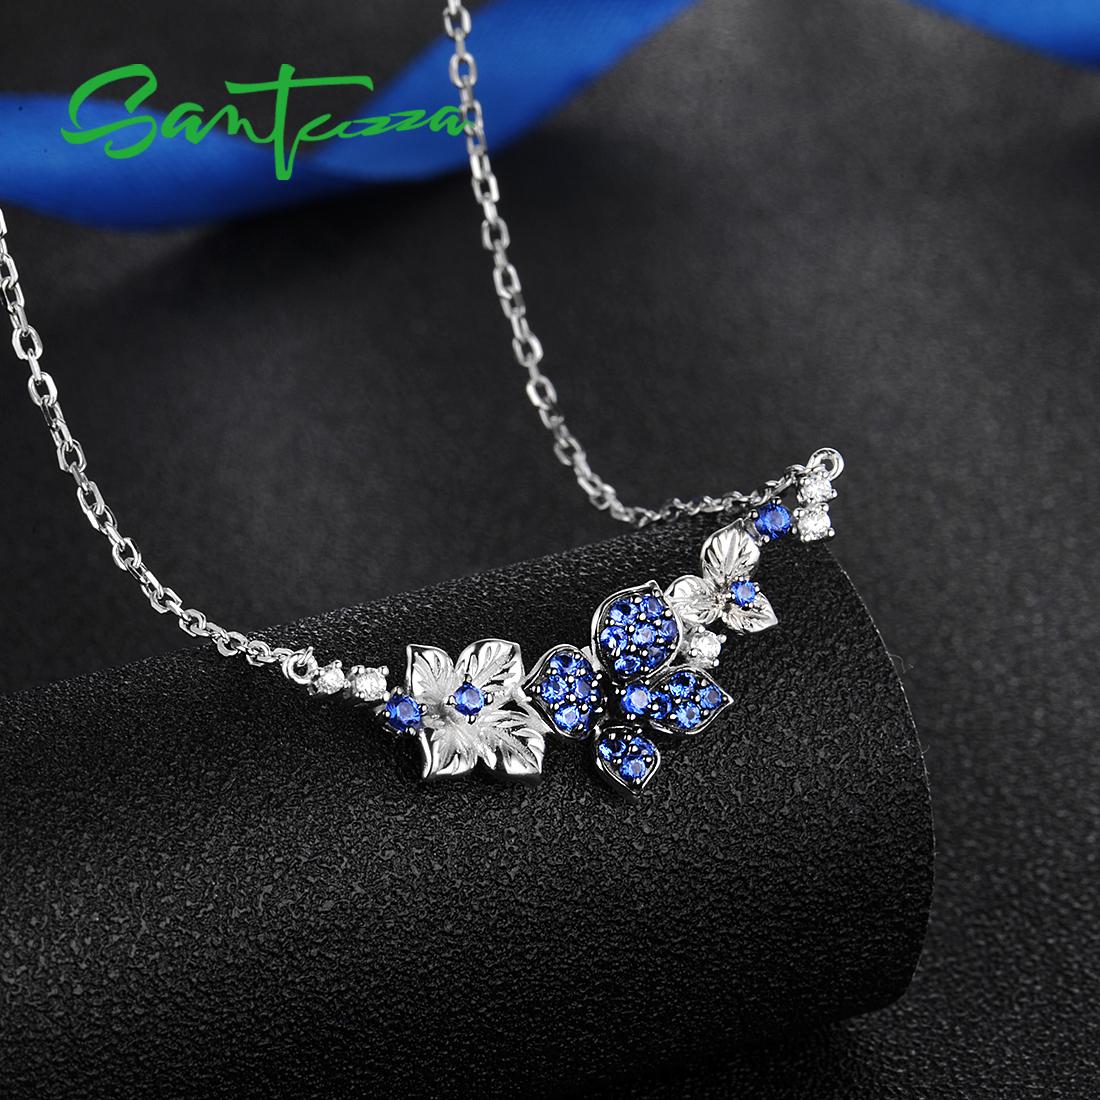 Colar de Prata SANTUZZA Para Mulher Genuine 925 prata esterlina colar de borboletas elegante Azul Branco CZ Partido moda jóias